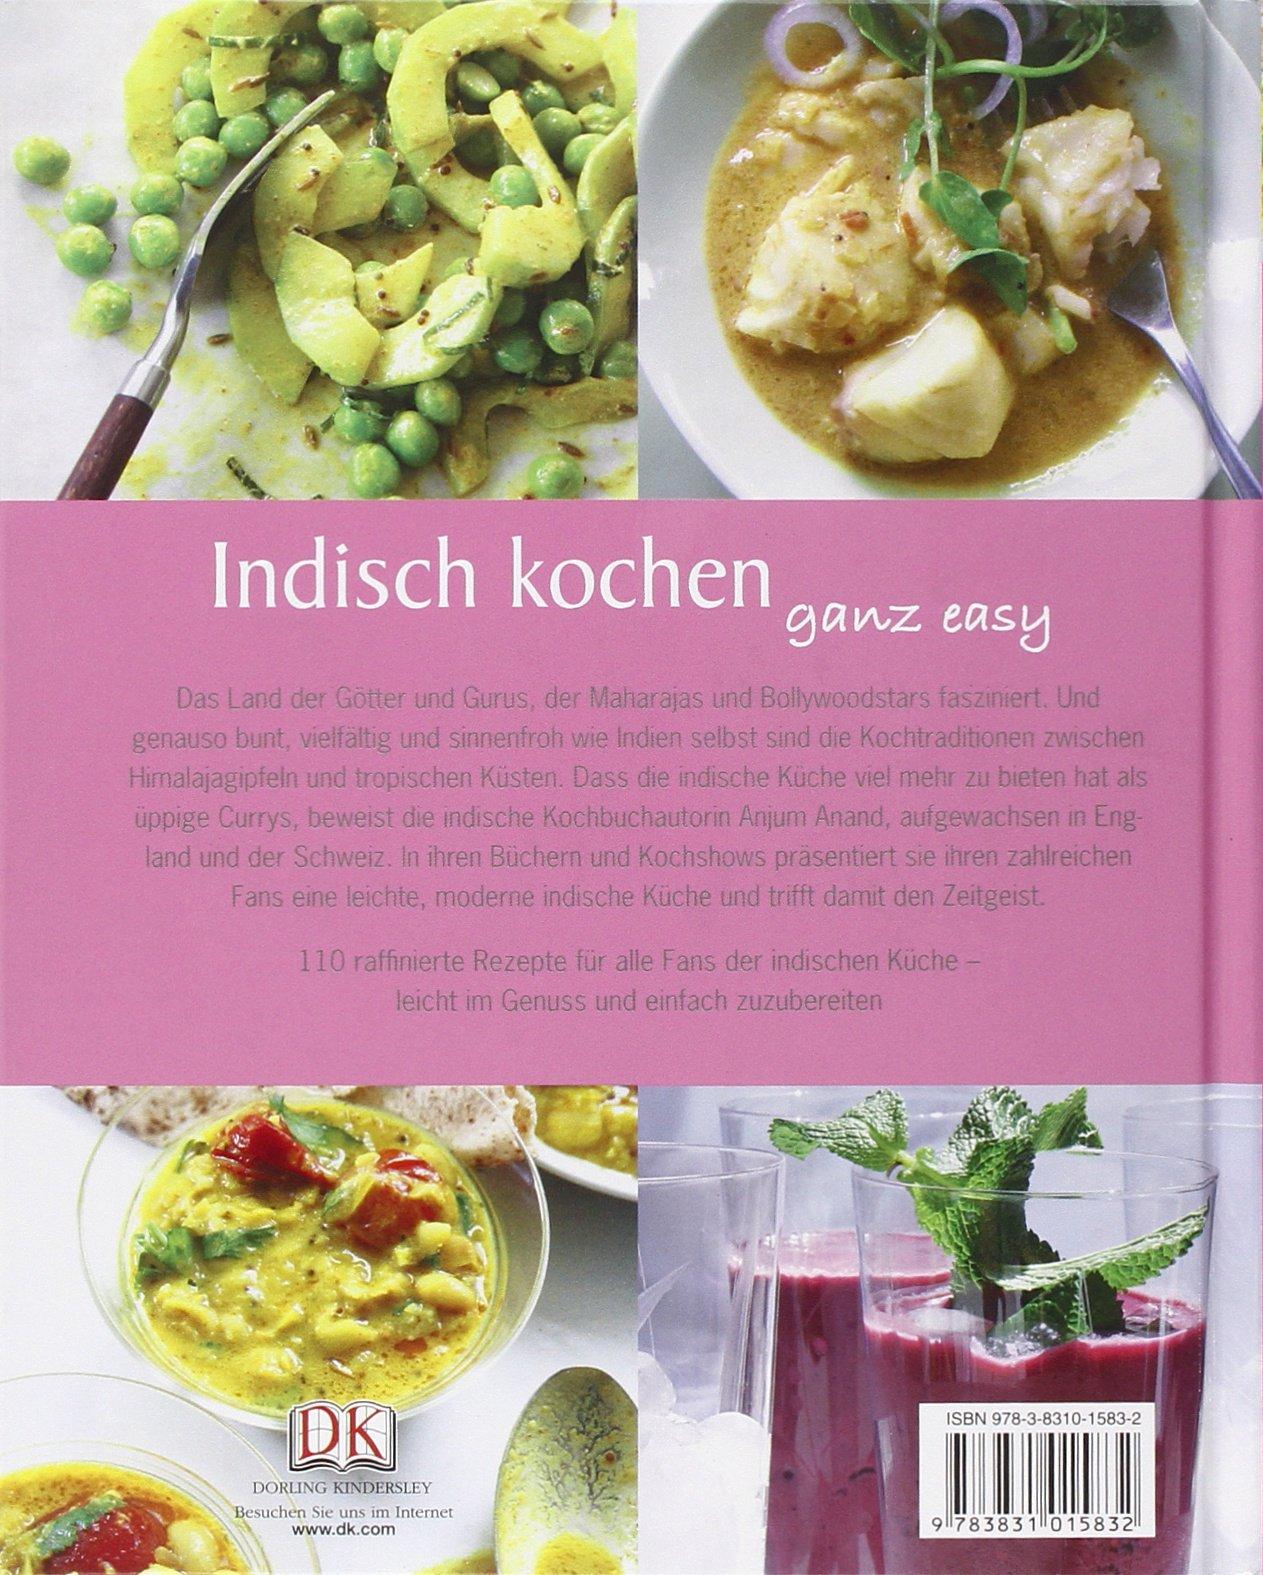 Indisch kochen ganz easy: Amazon.de: Anjum Anand: Bücher